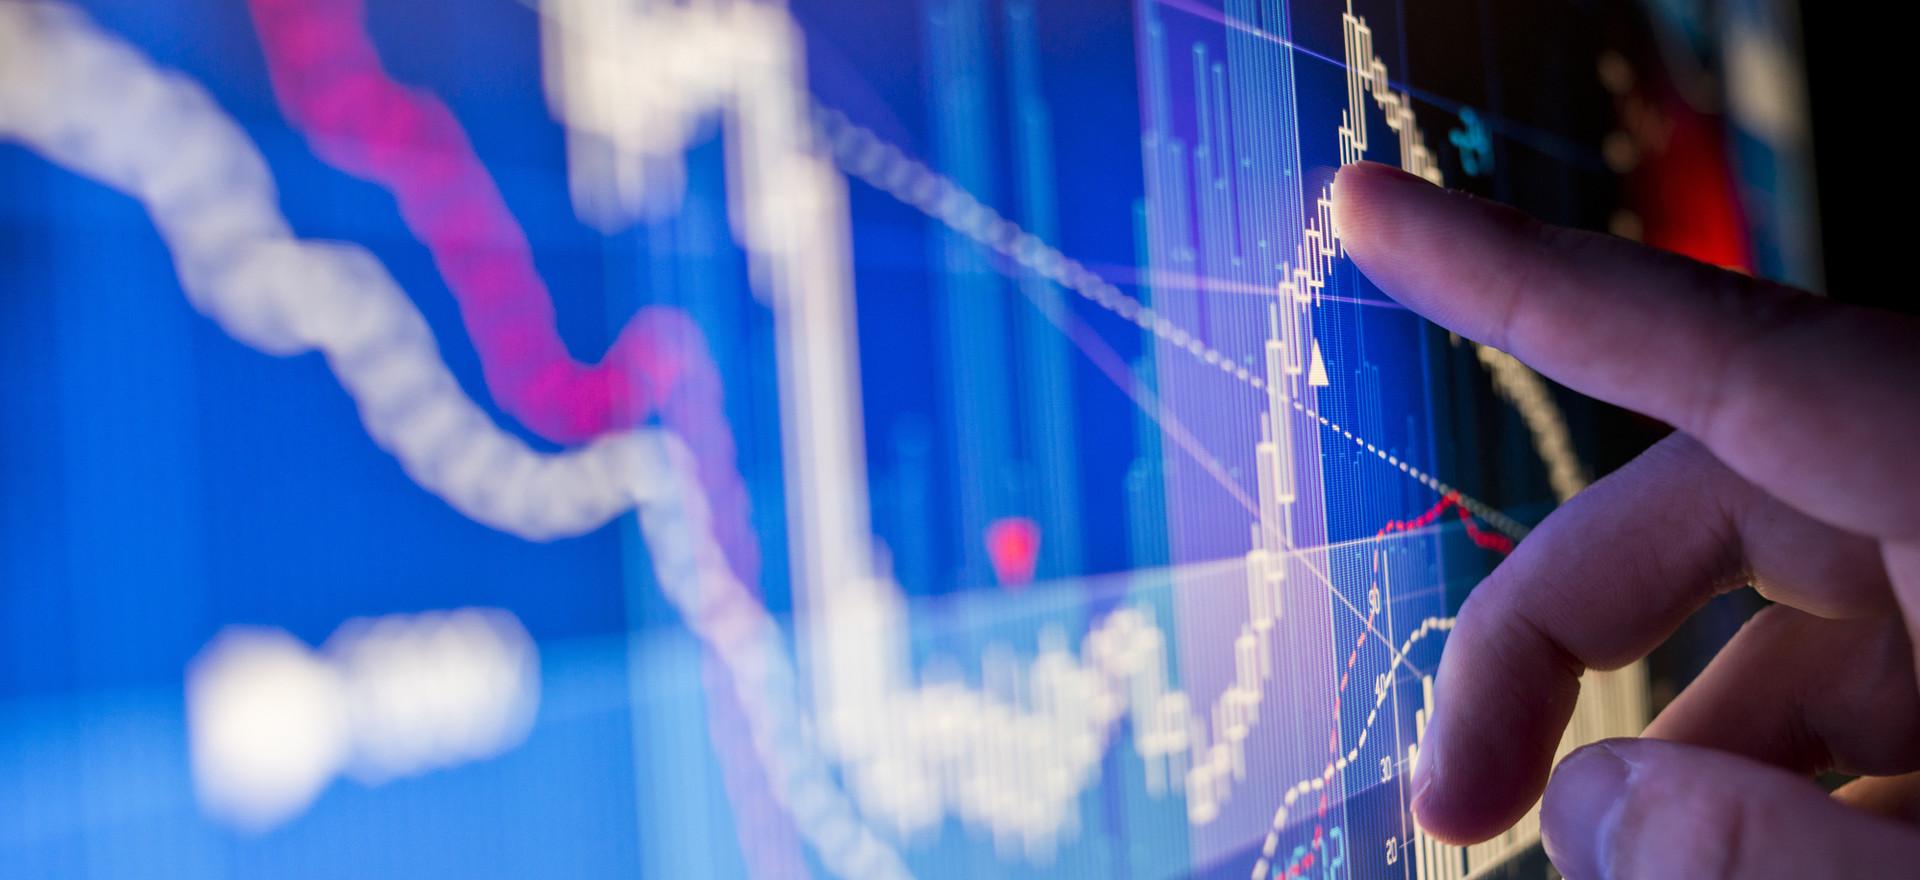 Digital Wealth Management